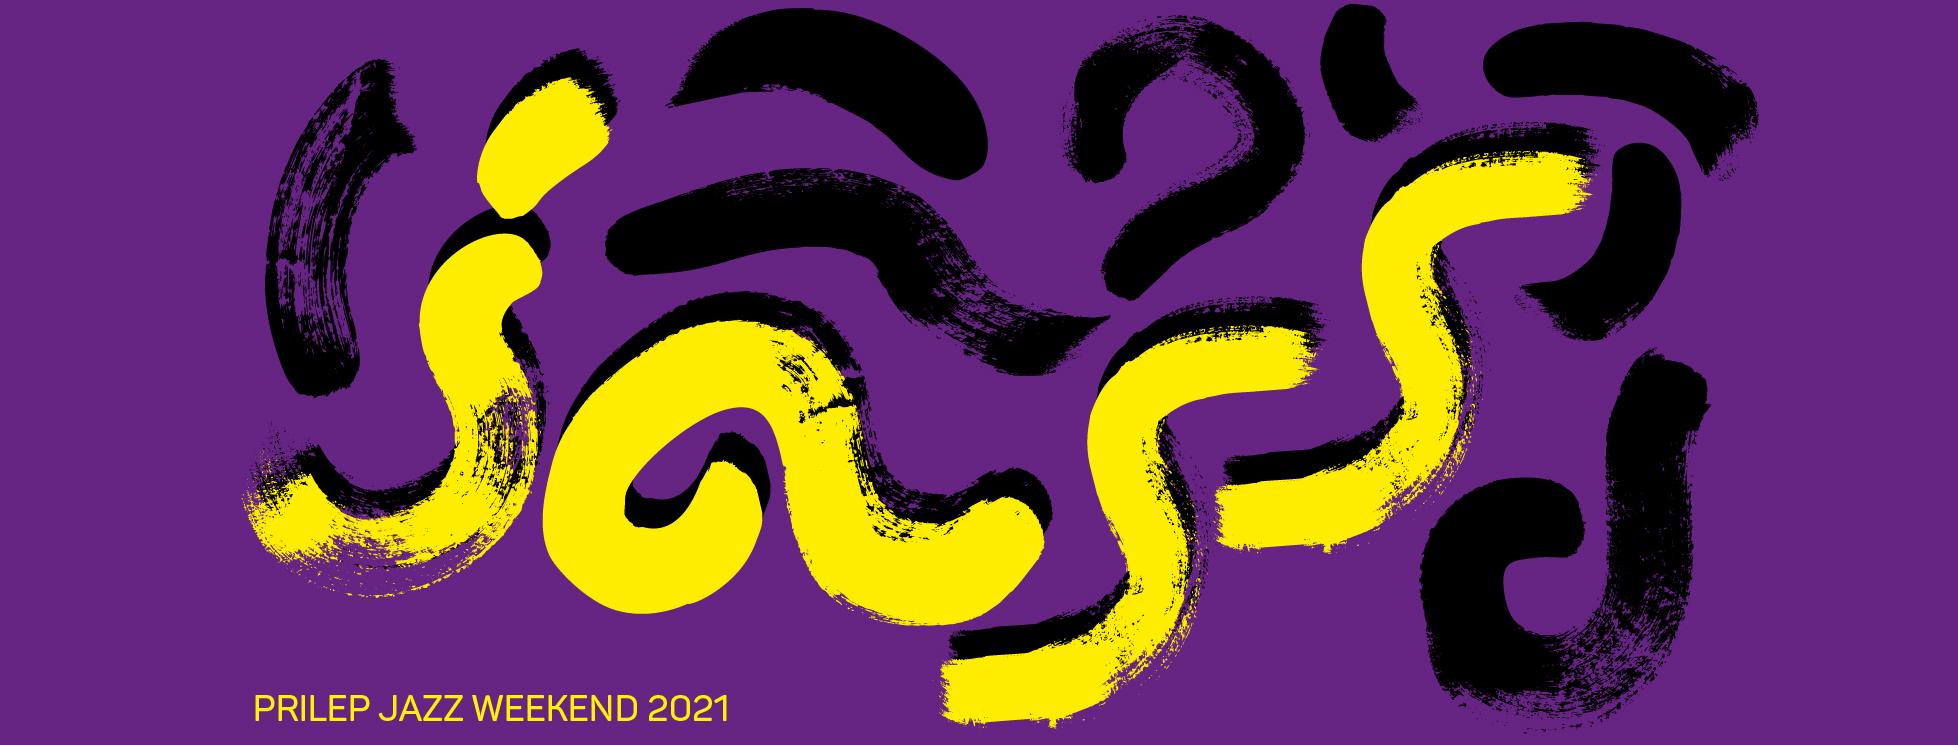 Prilep Jazz Weekend - 26.08.2021 27.08.2021 28.08.2021